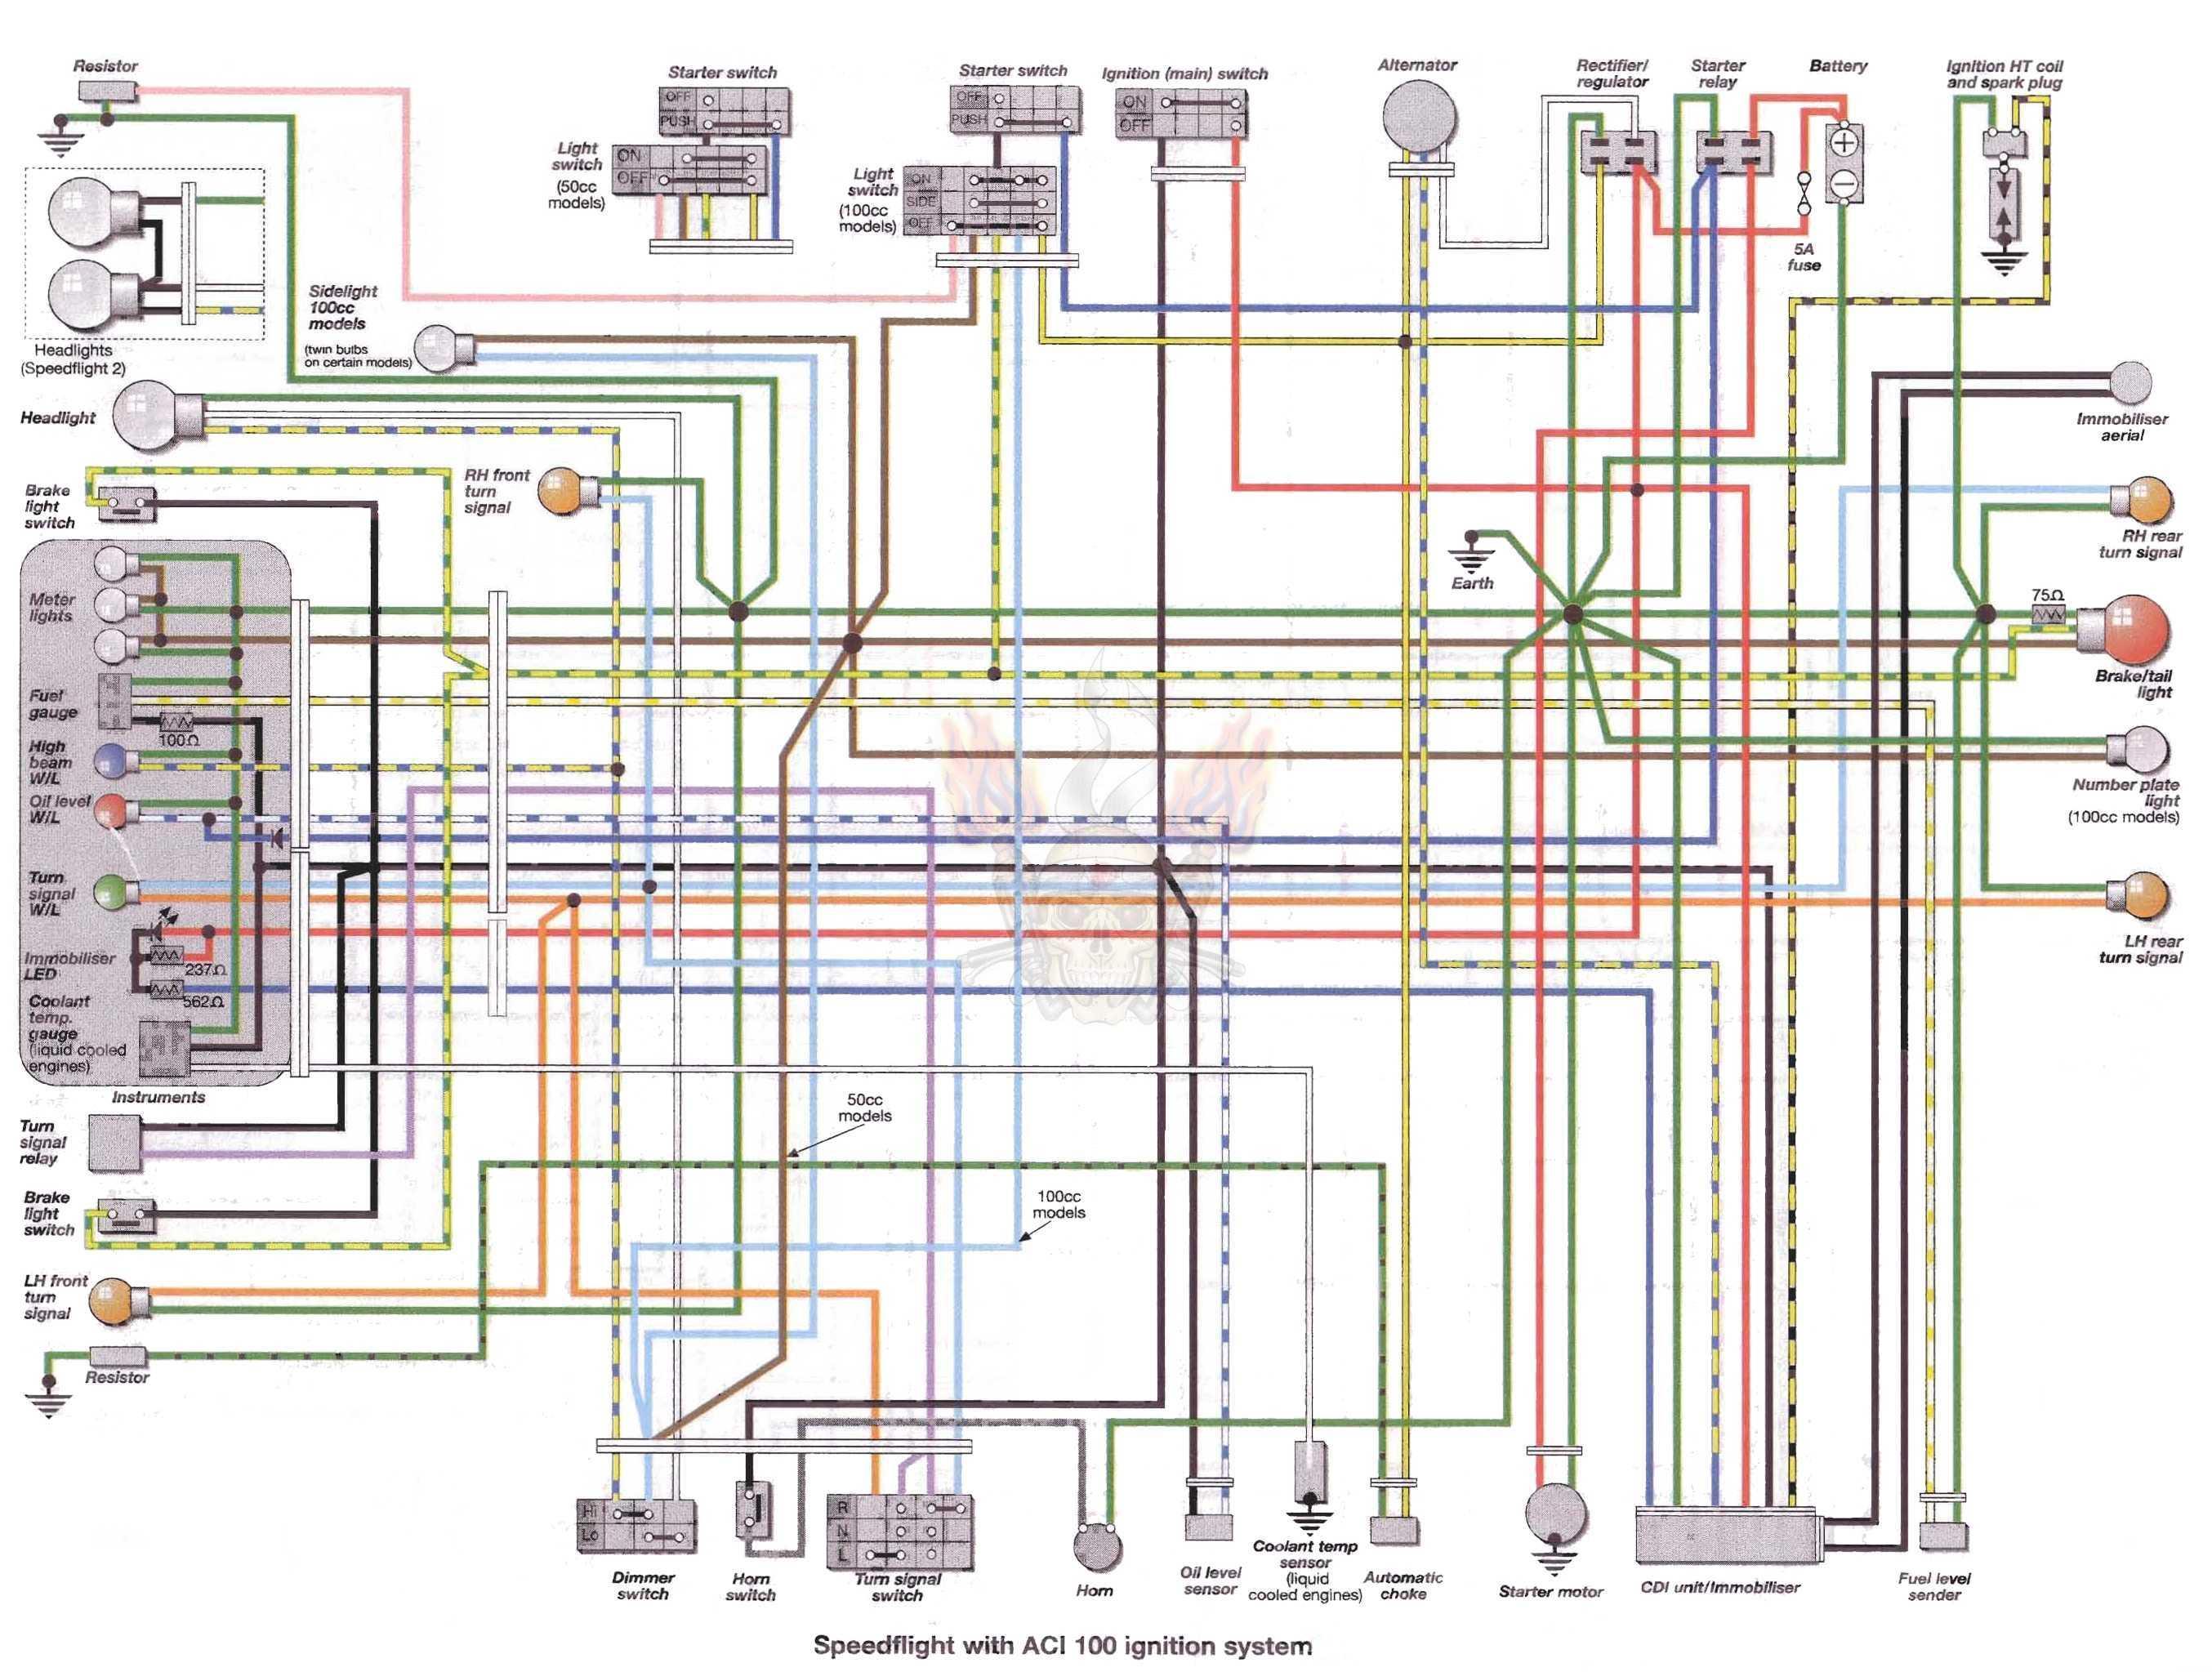 Схема скутера Peugeot Speedfight with ACI100. и мопедов в Москве все схемы для этого вы можете скачать у нас...